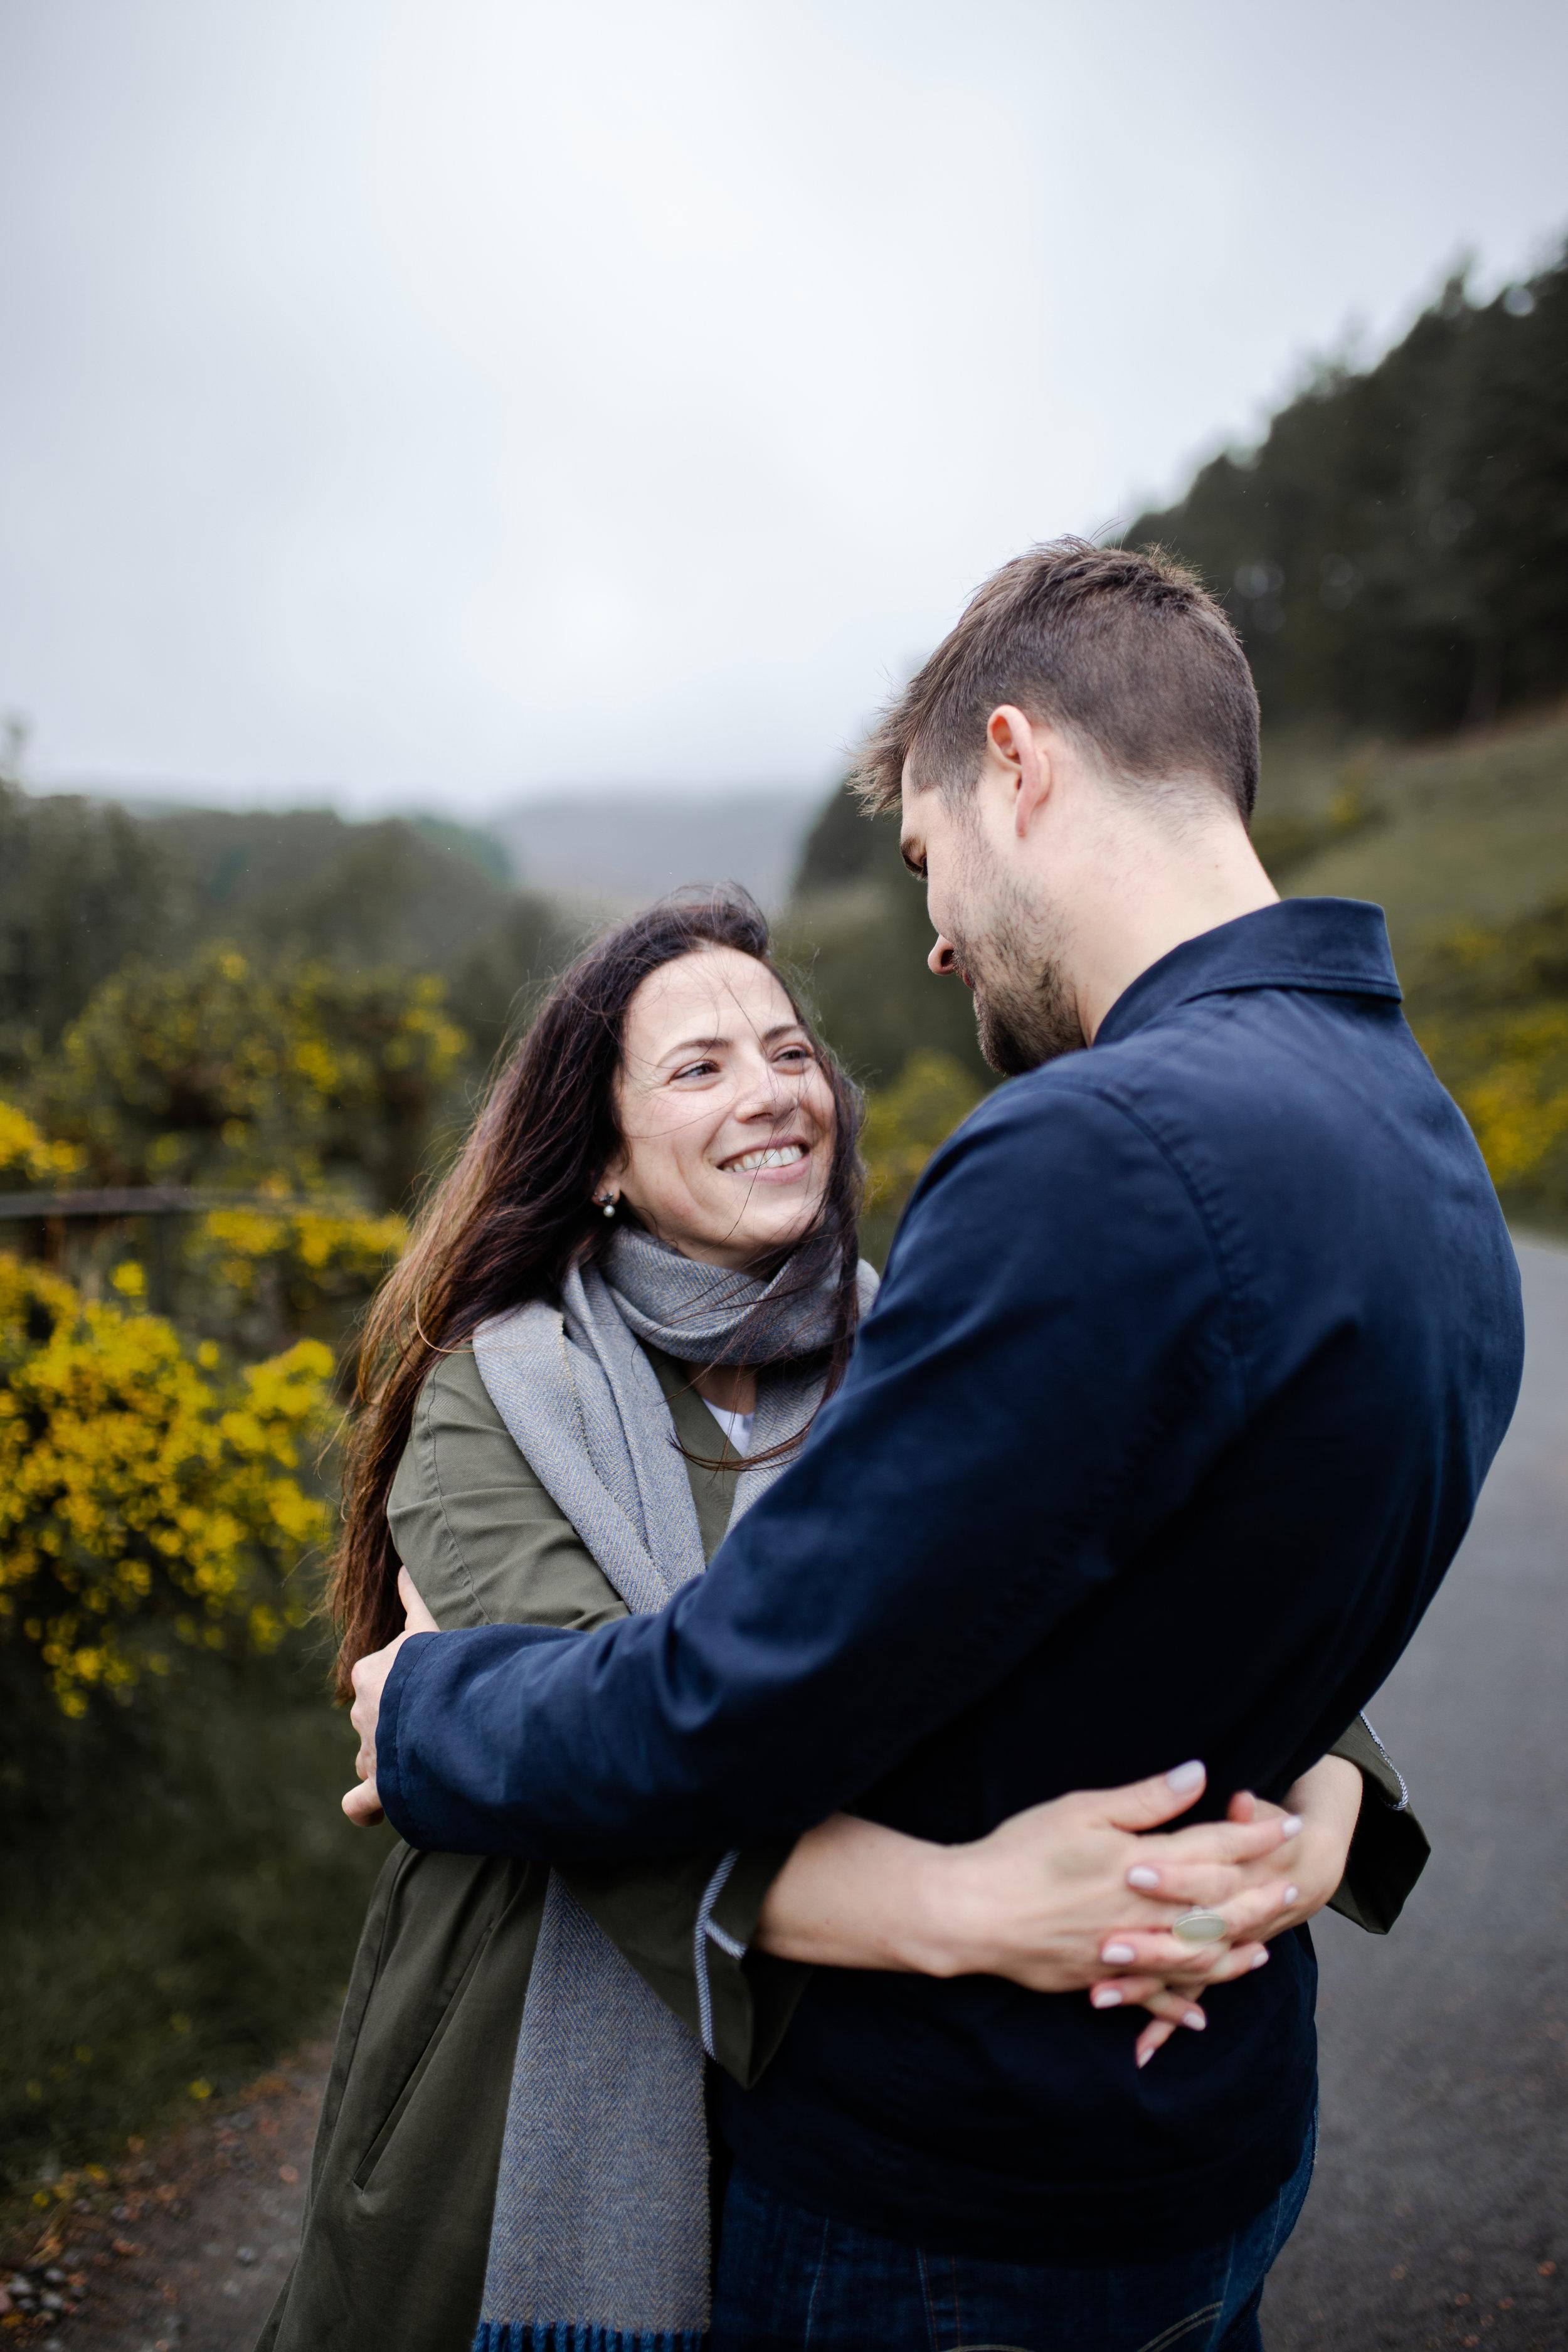 PaulaRussellPhotography-Karen+Chris-36.jpg